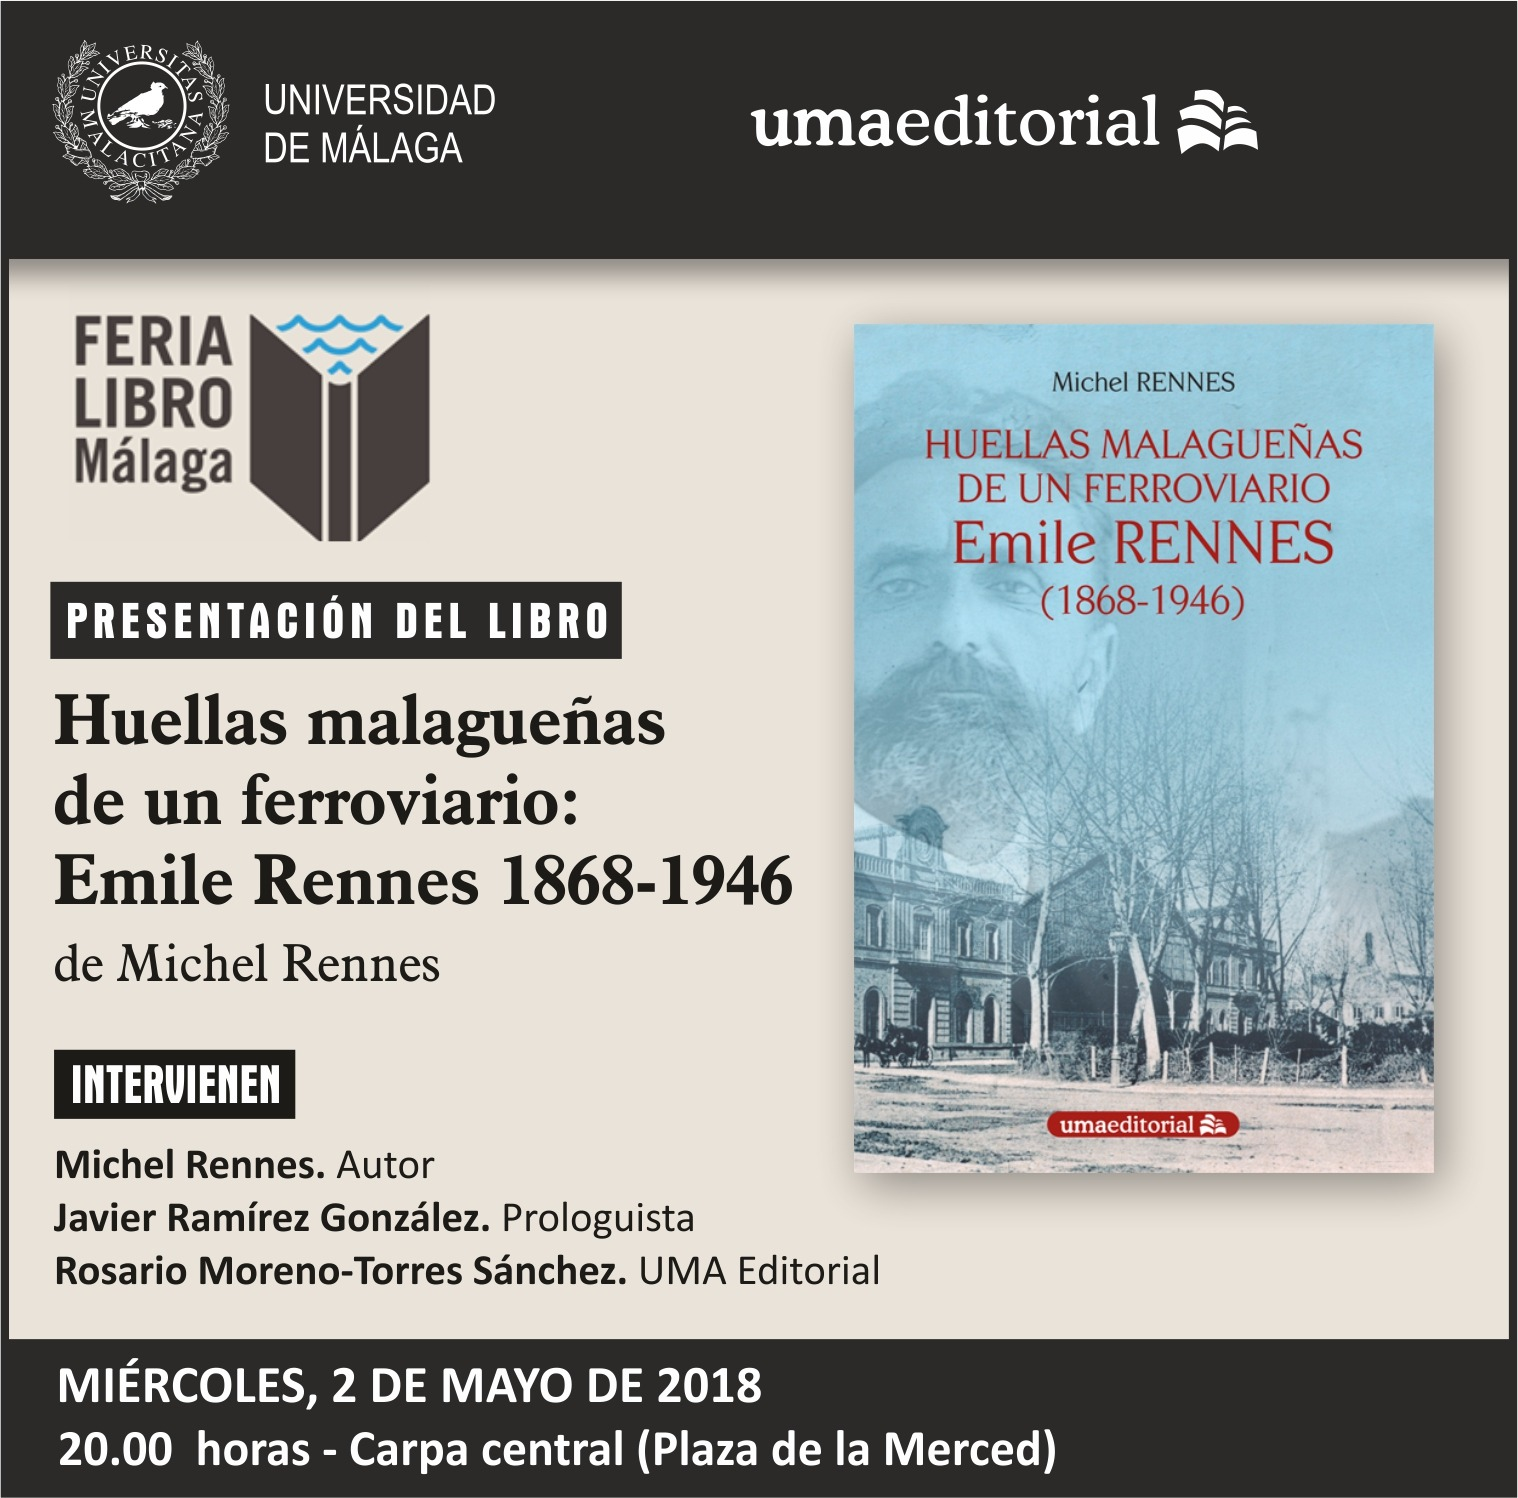 Presentación del libro Huellas malagueñas de un ferroviario: Emile Rennes  (1868-1946)